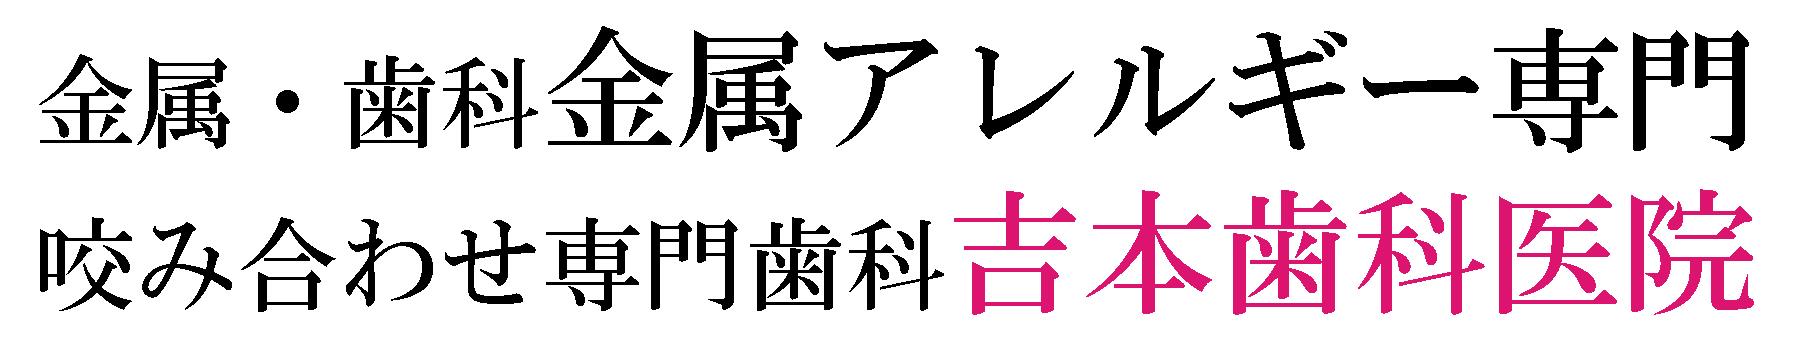 香川県の金属アレルギー専門|金属アレルギーを起こさない歯の治療なら歯科金属アレルギー専門歯科|香川県高松市の吉本歯科医院